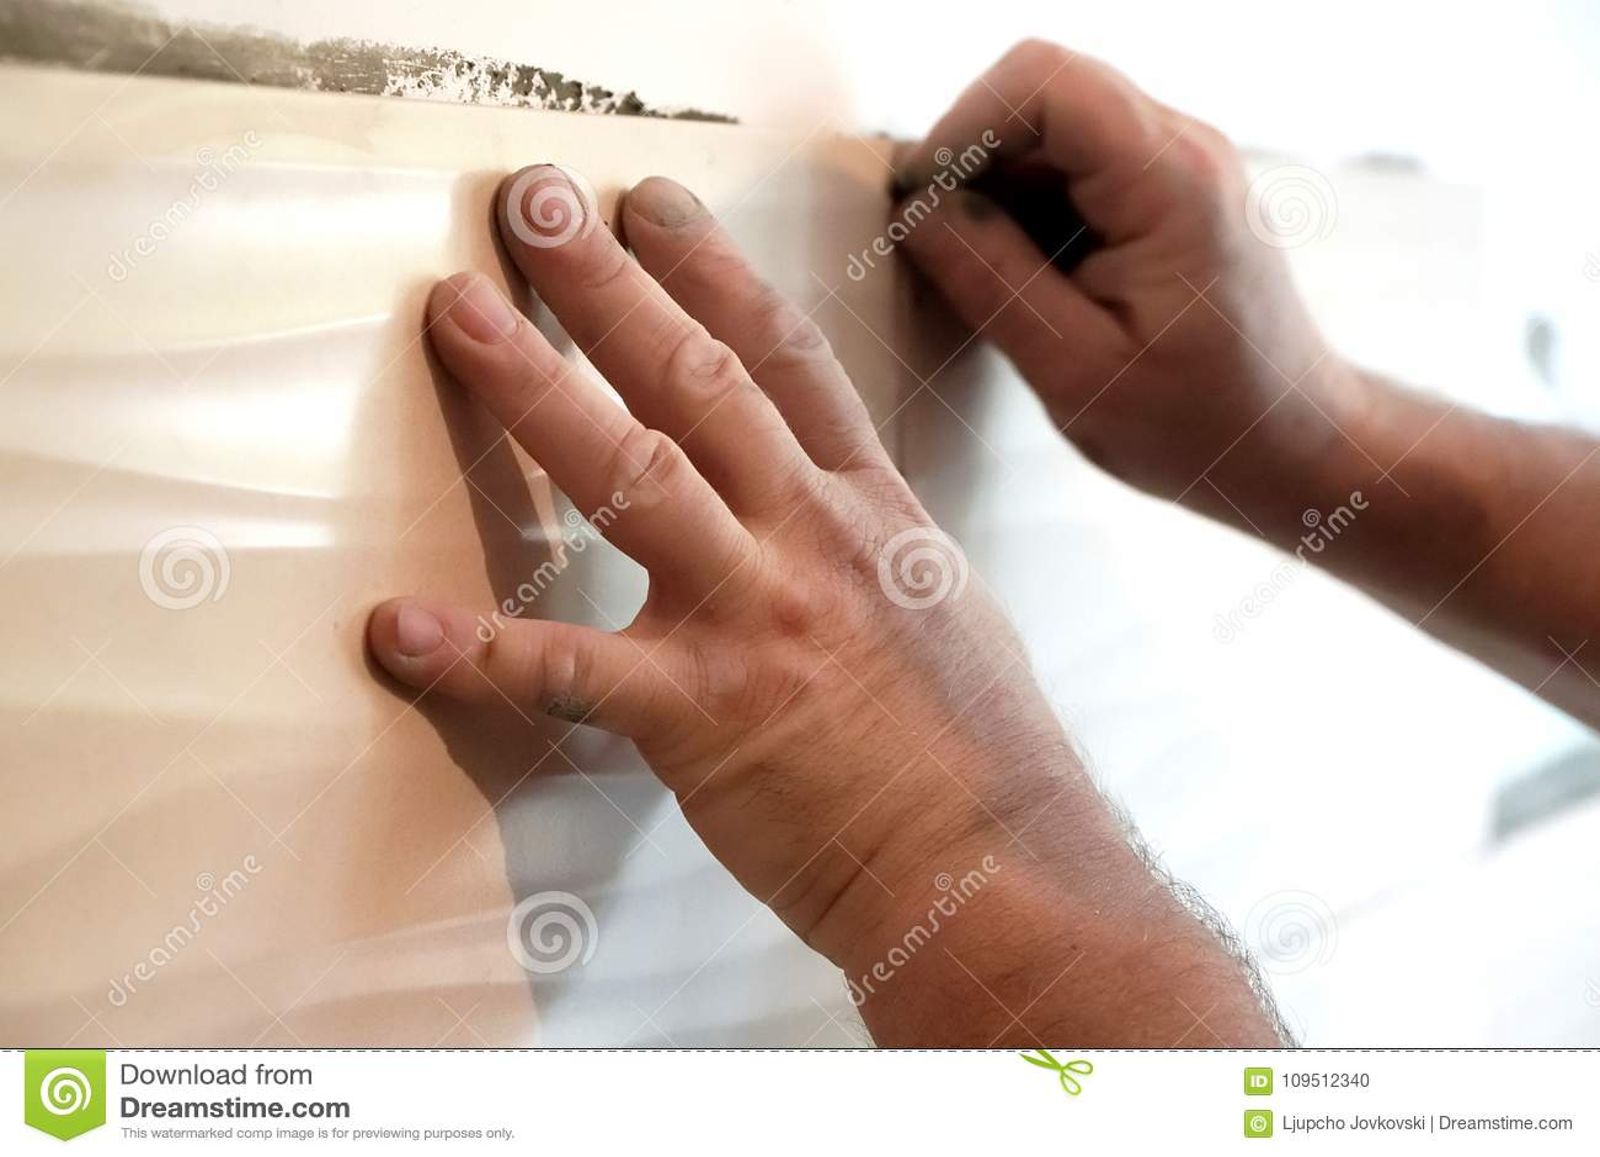 Come abbellire la cucina s d e decorare le piastrelle della